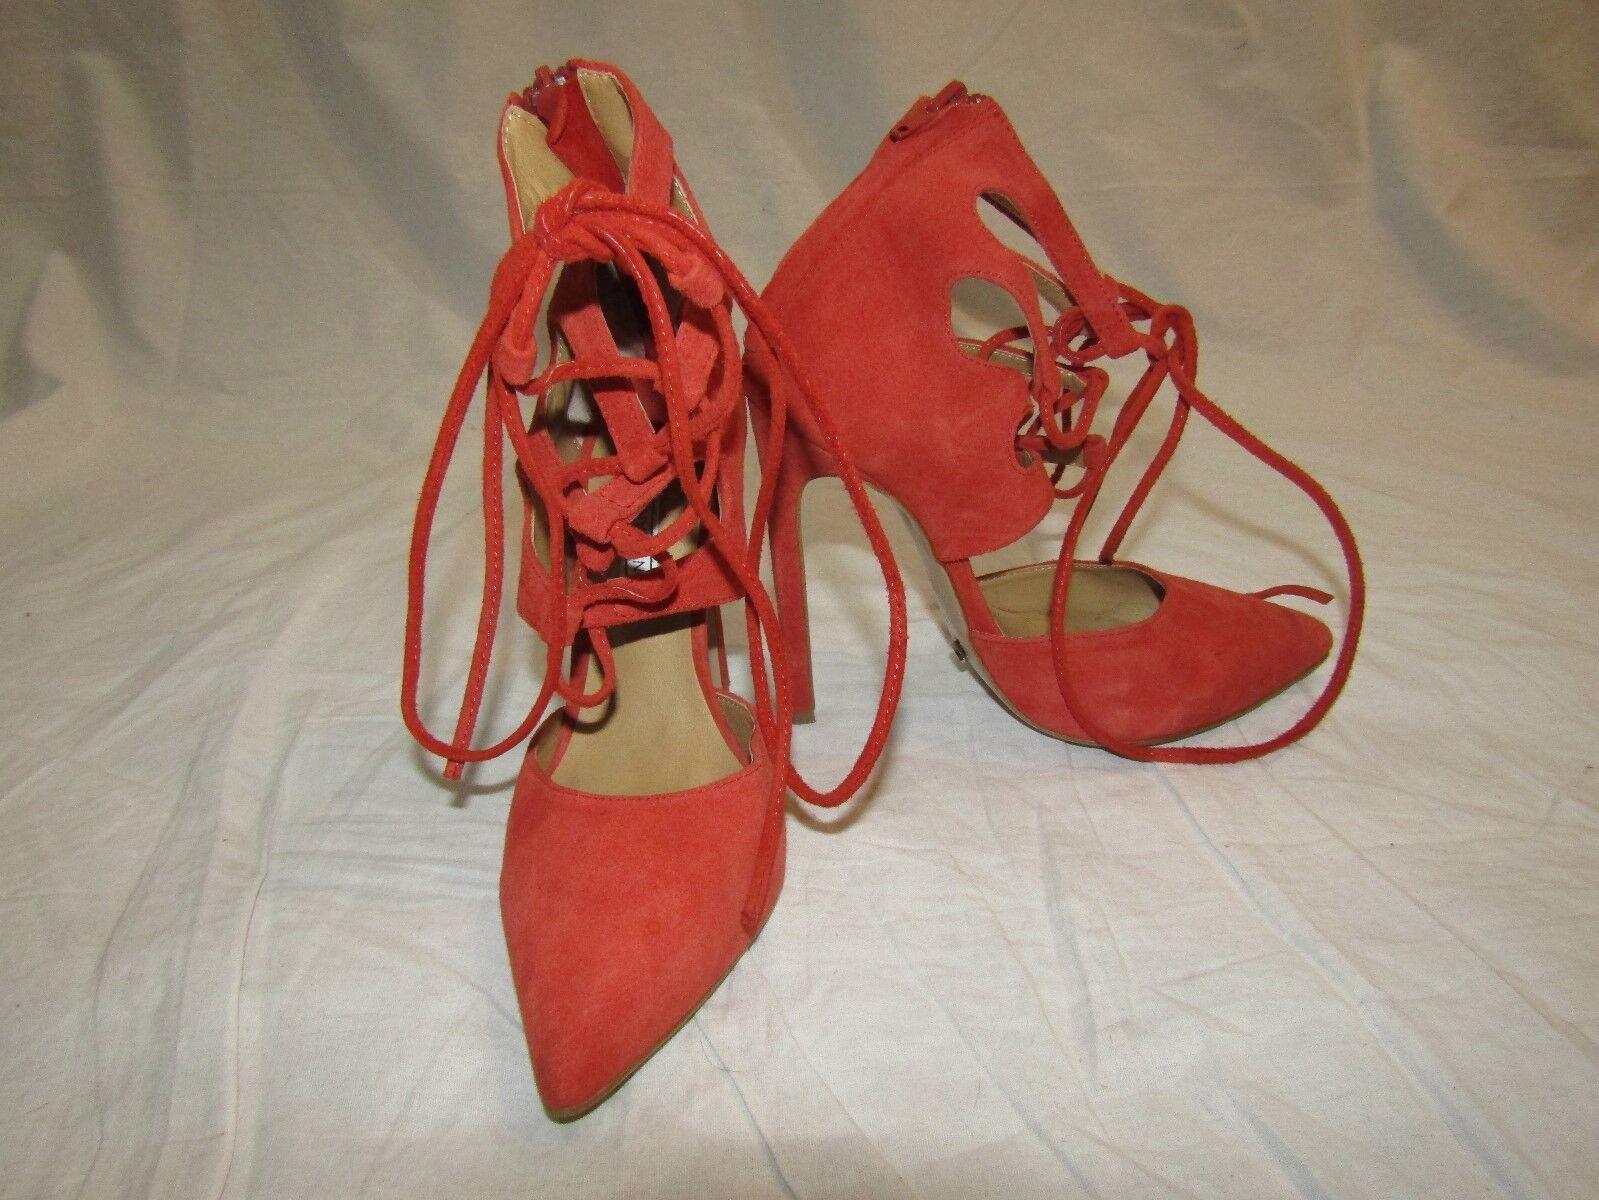 benvenuto a comprare TONY BIANCO Coral Lace-Up Suede Stiletto Heels  Foxi Foxi Foxi  - Dimensione 5  centro commerciale di moda